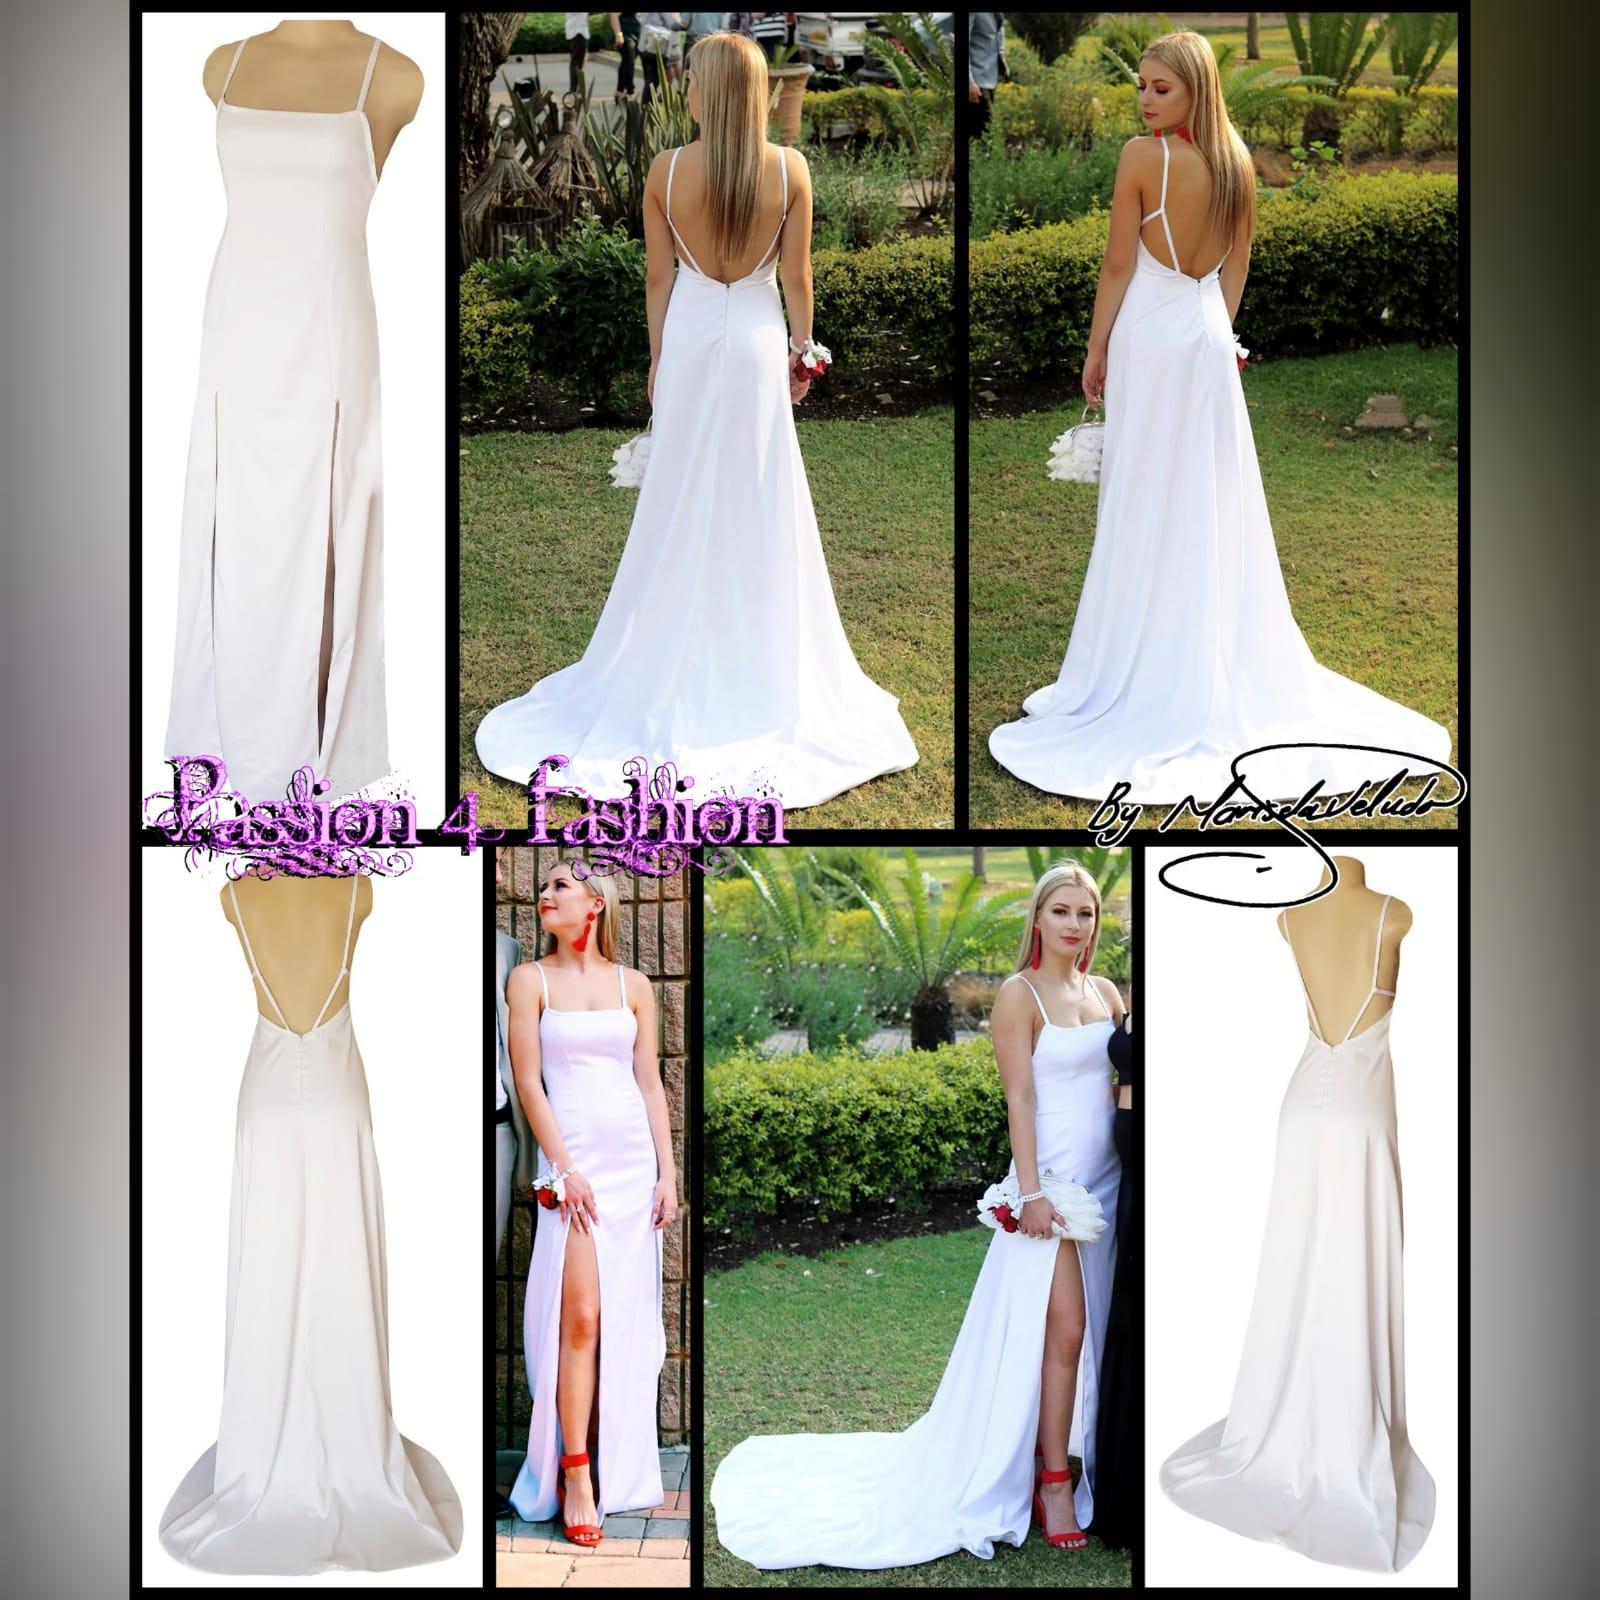 Vestido de finalistas longo de cetim branco com costas abertas 8 vestido de finalistas longo de cetim branco com costas abertas, com detalhe de fitas. Decote reto, 2 fendas e um trem.